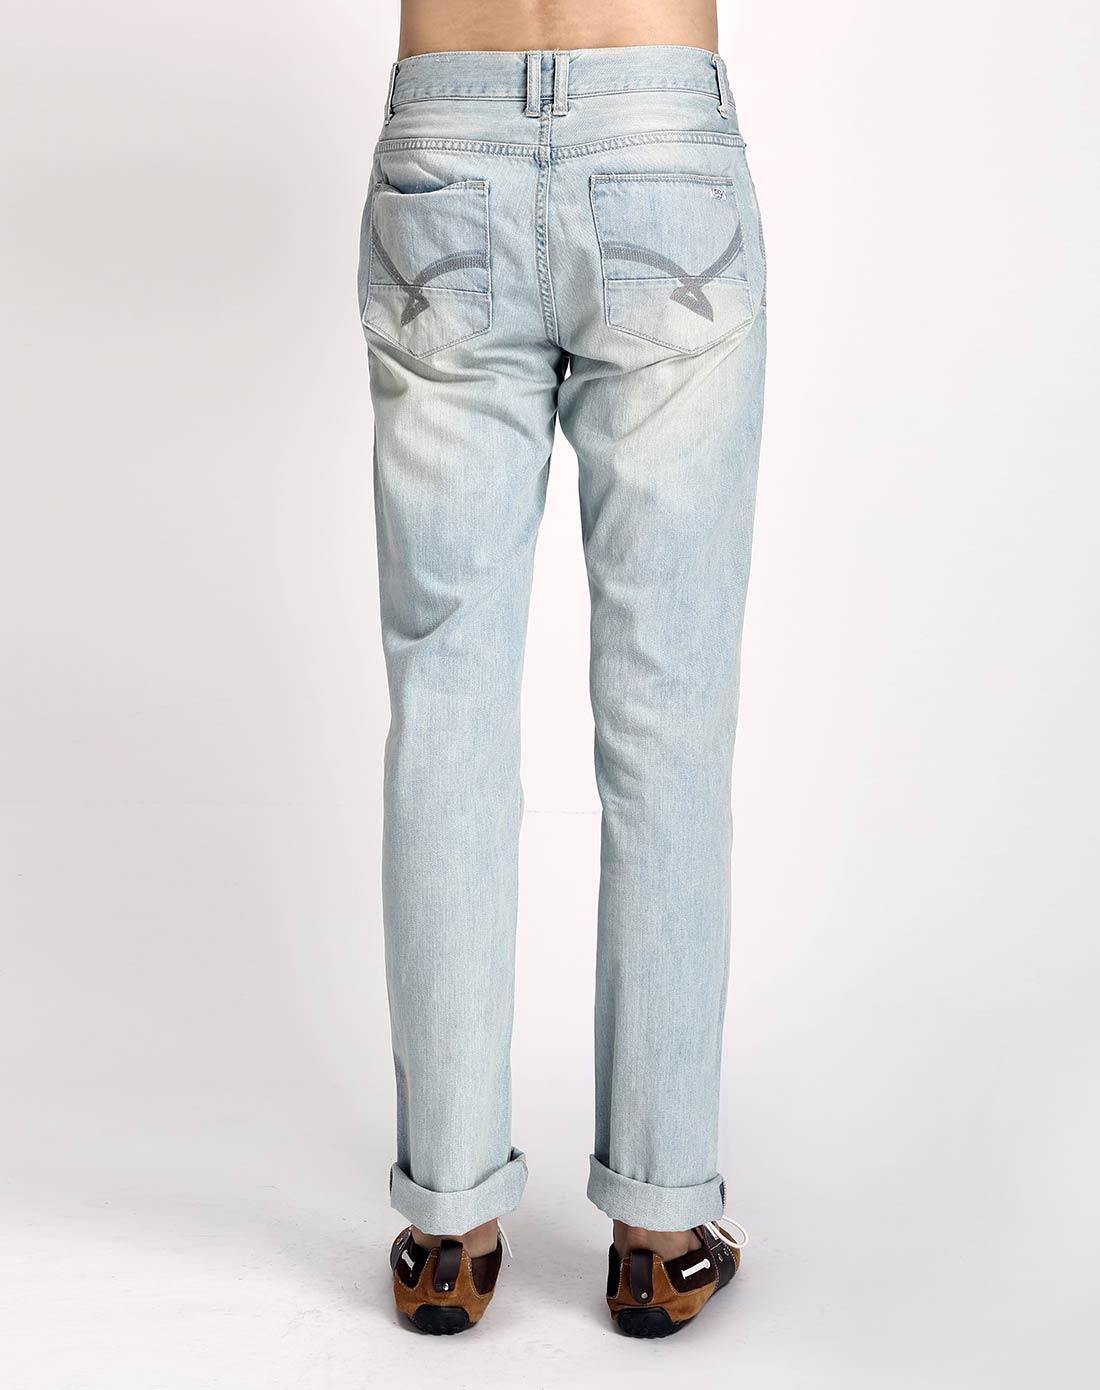 男浅蓝牛仔裤,浅蓝牛仔裤